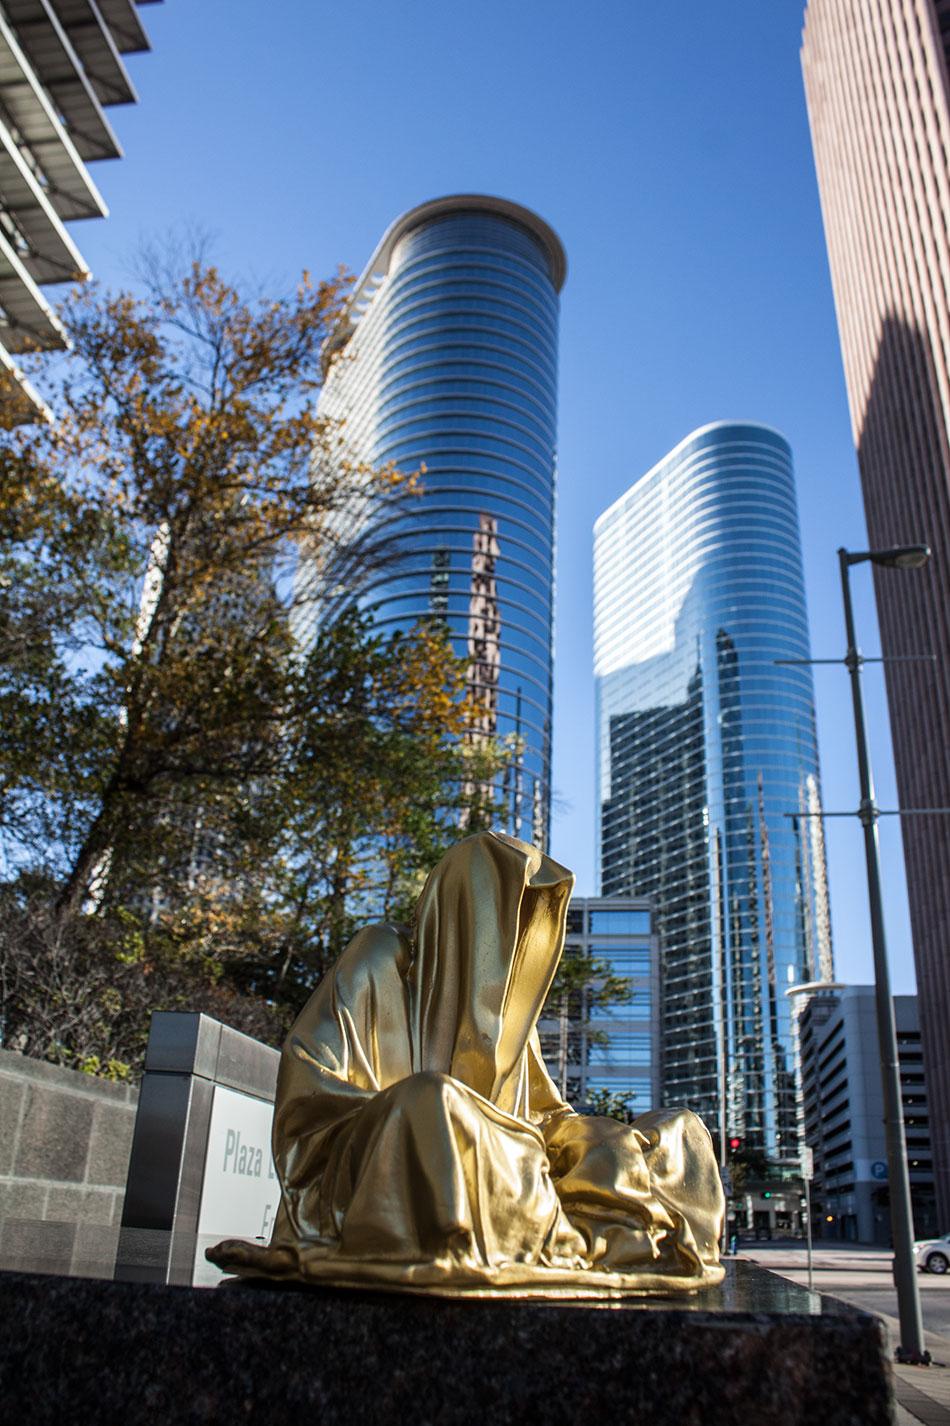 public-art-usa-tour-houston-texas-art-arts-arte-design-guardians-of-time-manfred-kielnhofer-contemporary-fine-art-antiques-5223